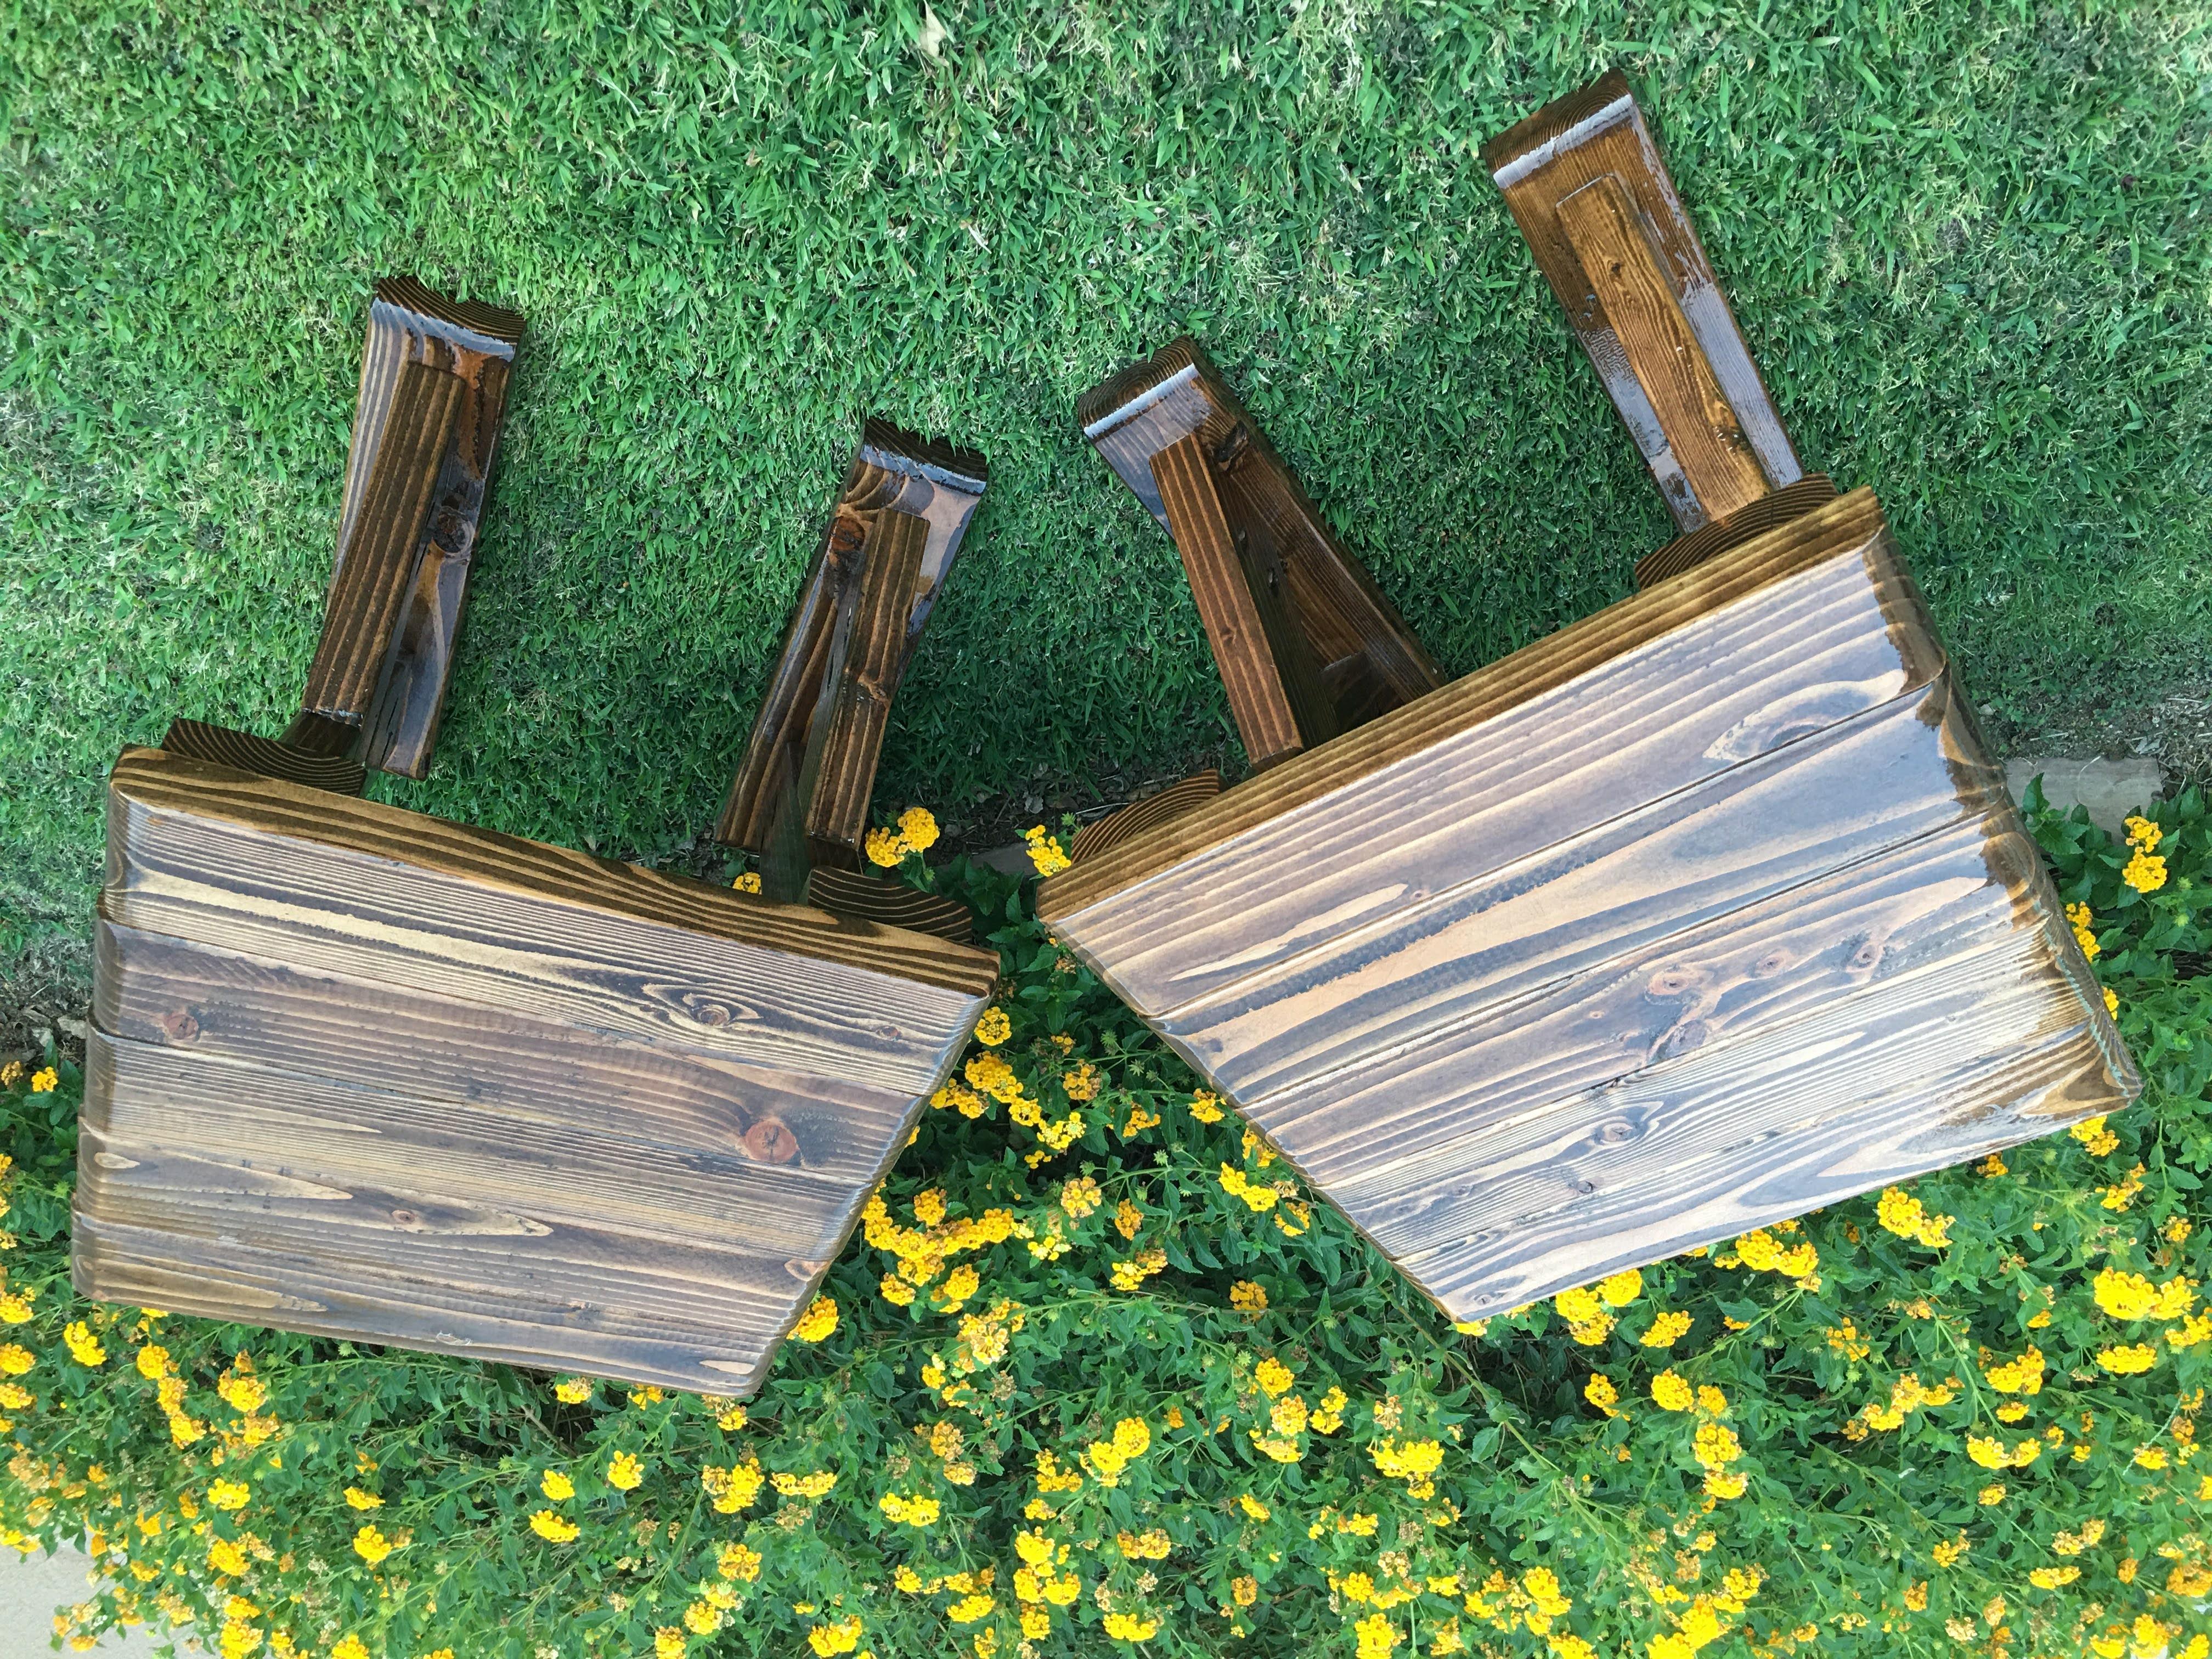 X-LEG END TABLES